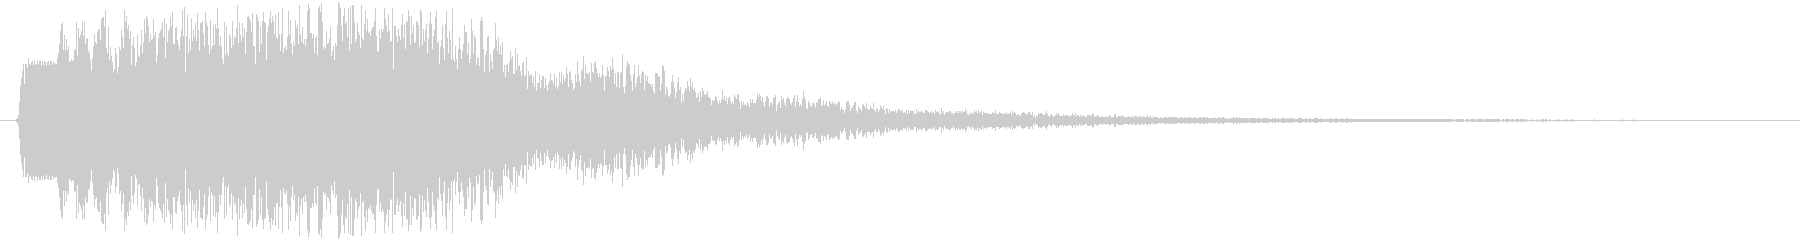 キラキラキラリーン!(輝きの音)の未再生の波形